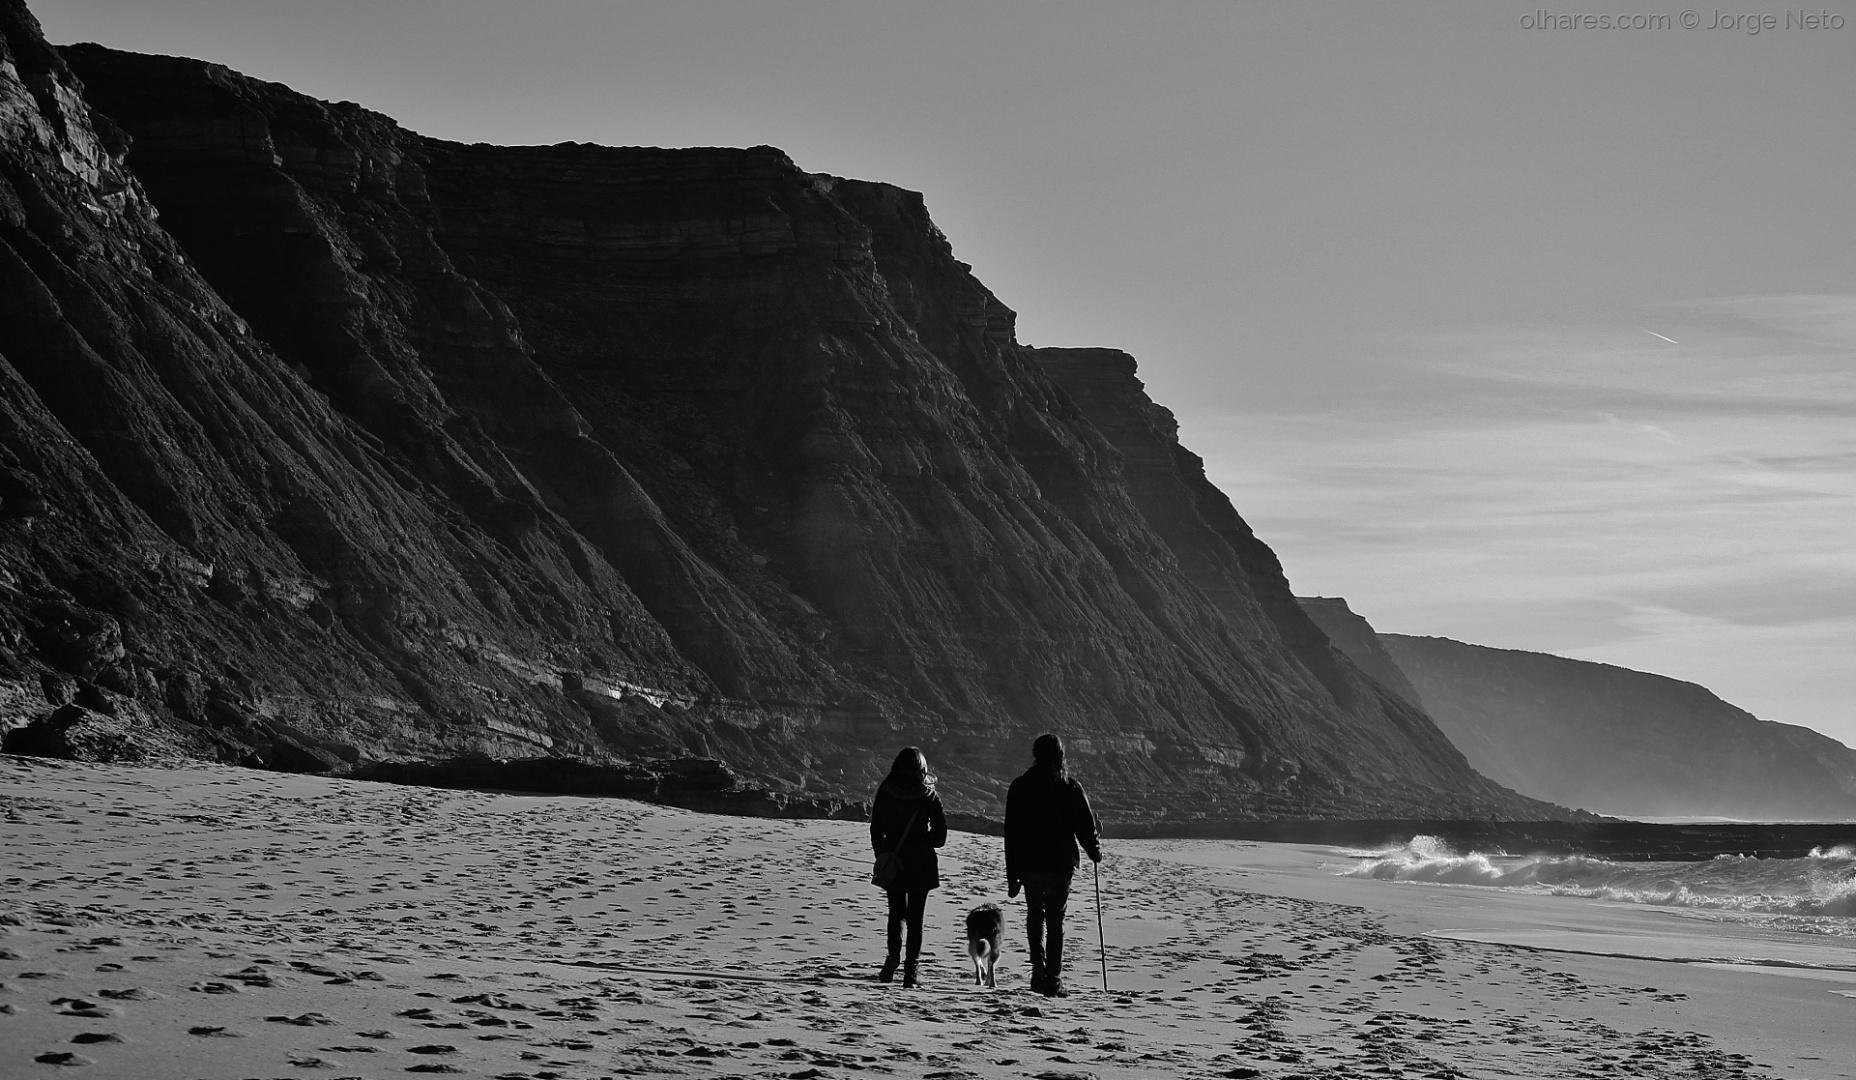 Fotojornalismo/Passeio na Praia